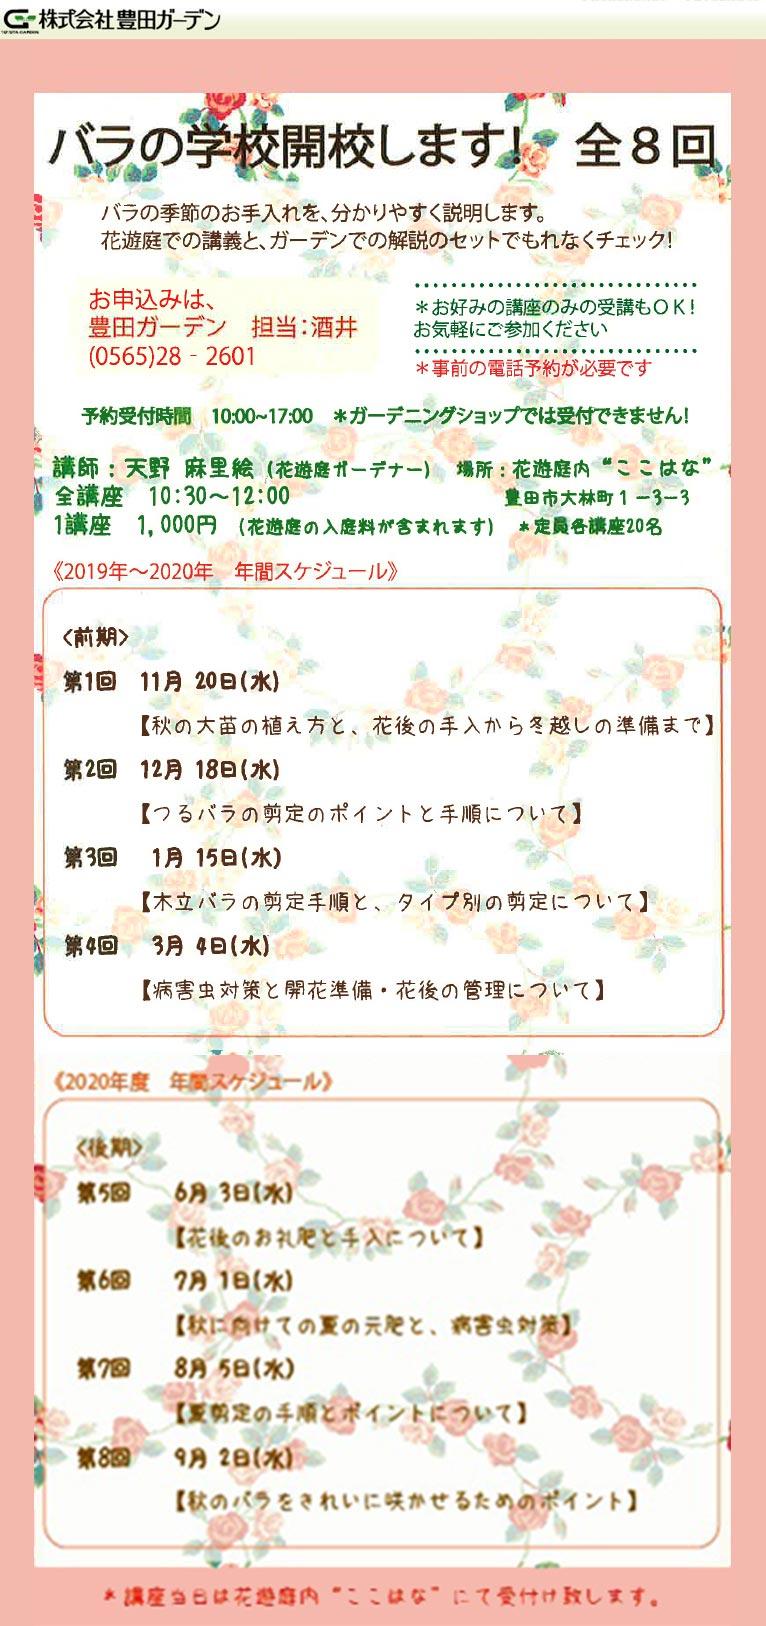 2019年11月20日~2020年9月2日バラの学校開校します!豊田ガーデン